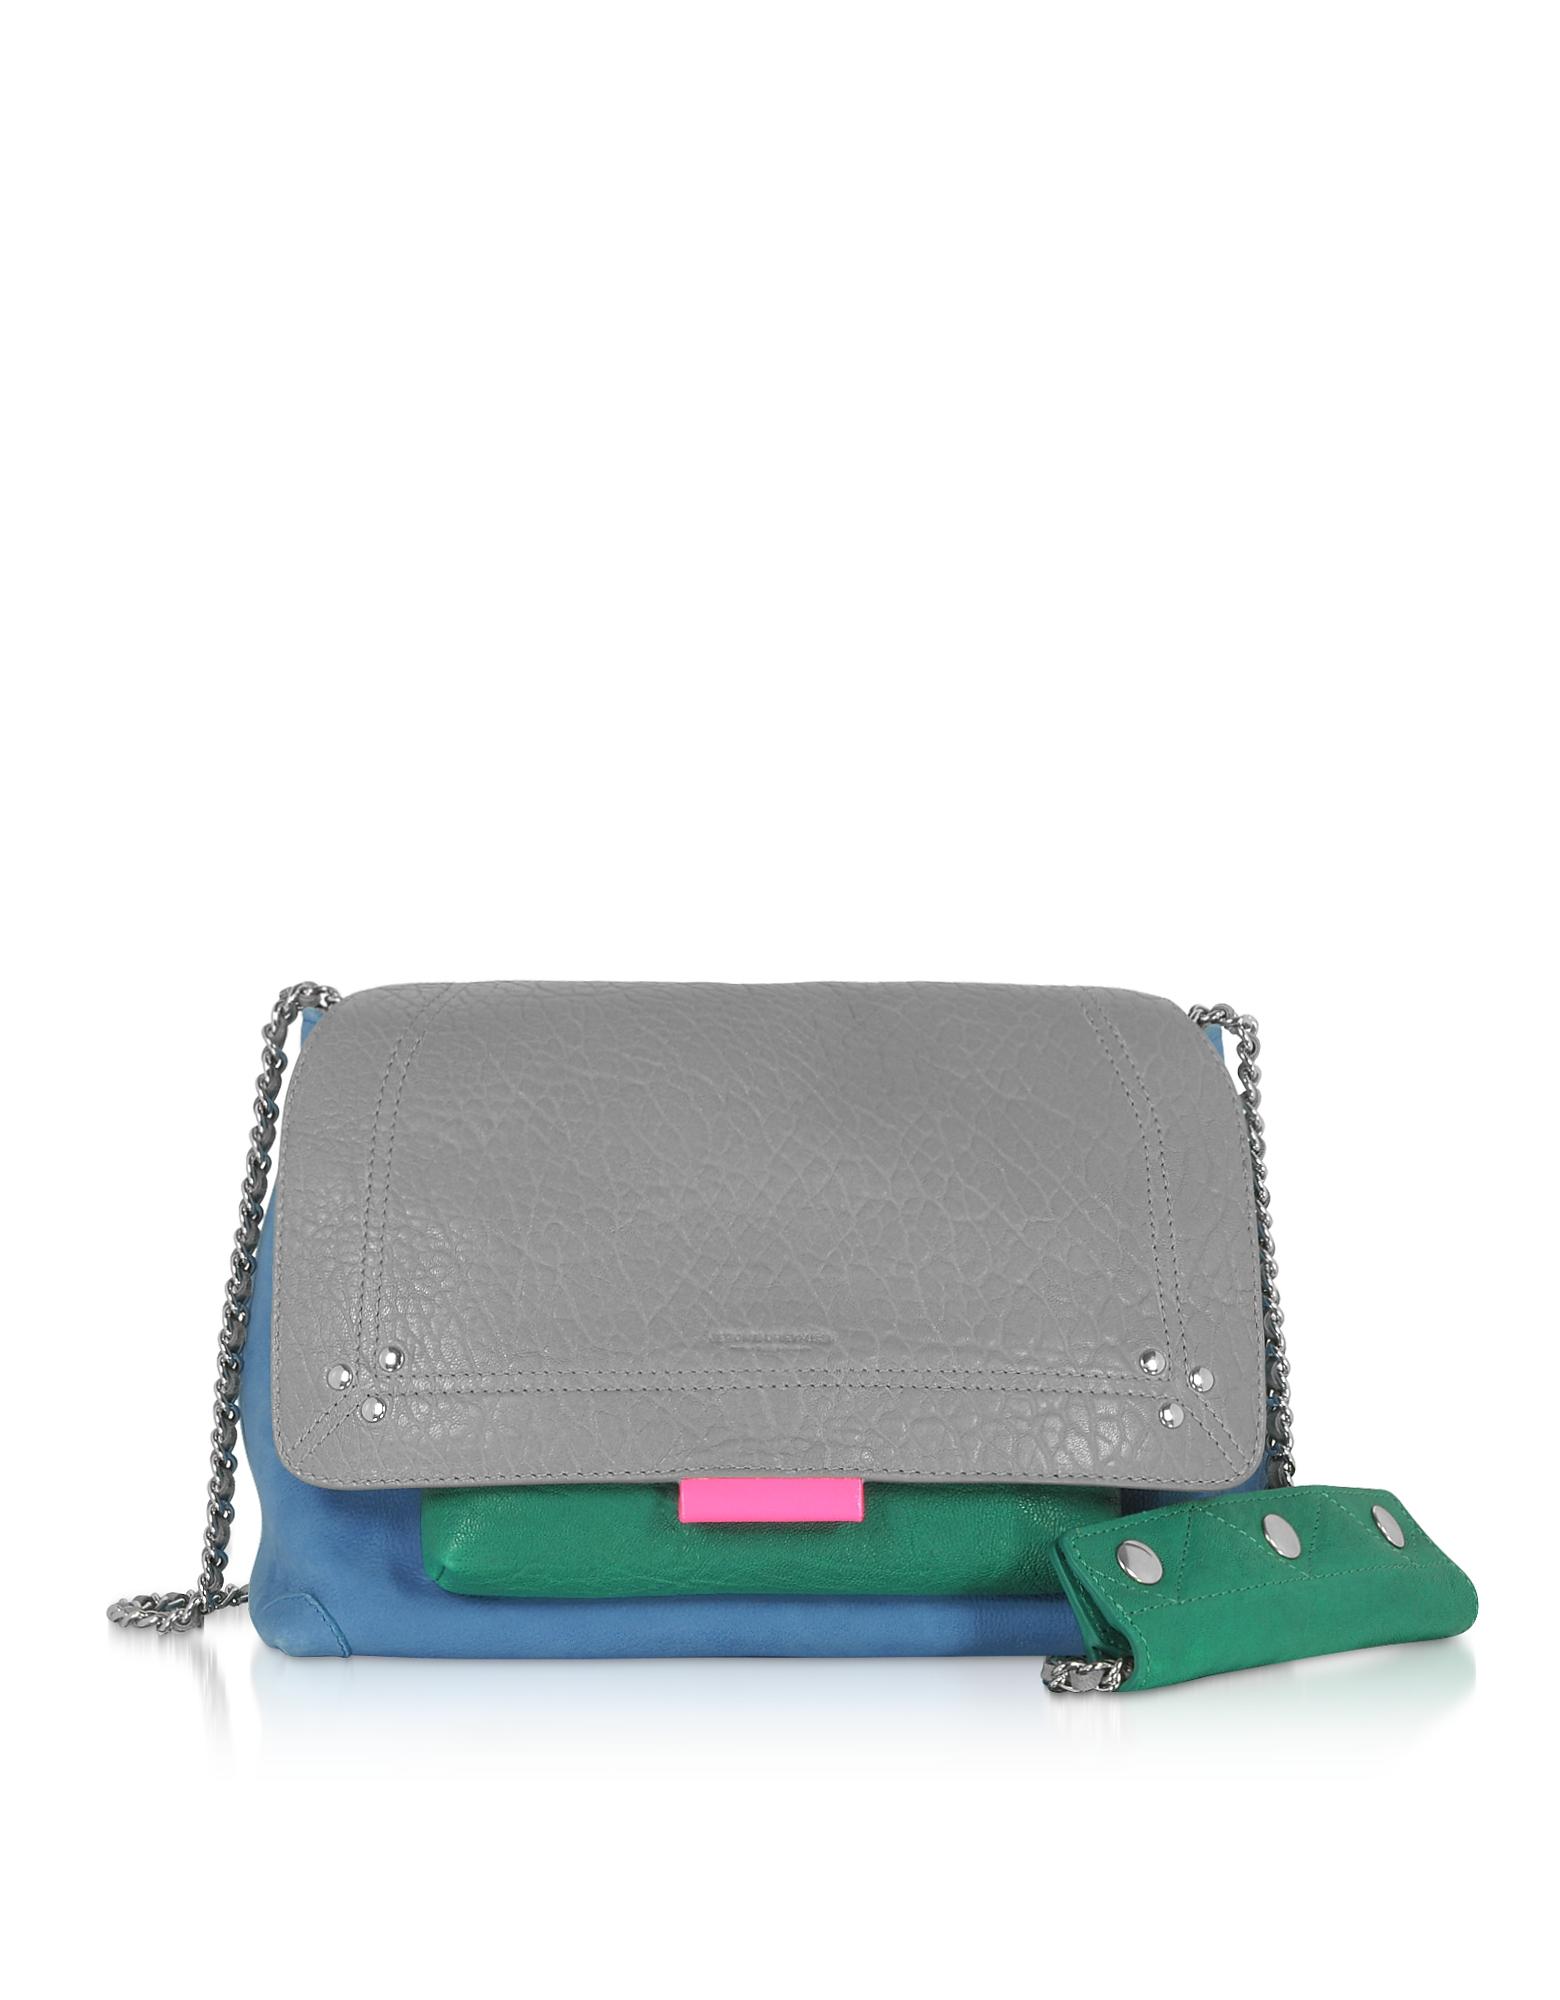 Jerome Dreyfuss Designer Handbags, Lulu M Leather Shoulder Bag